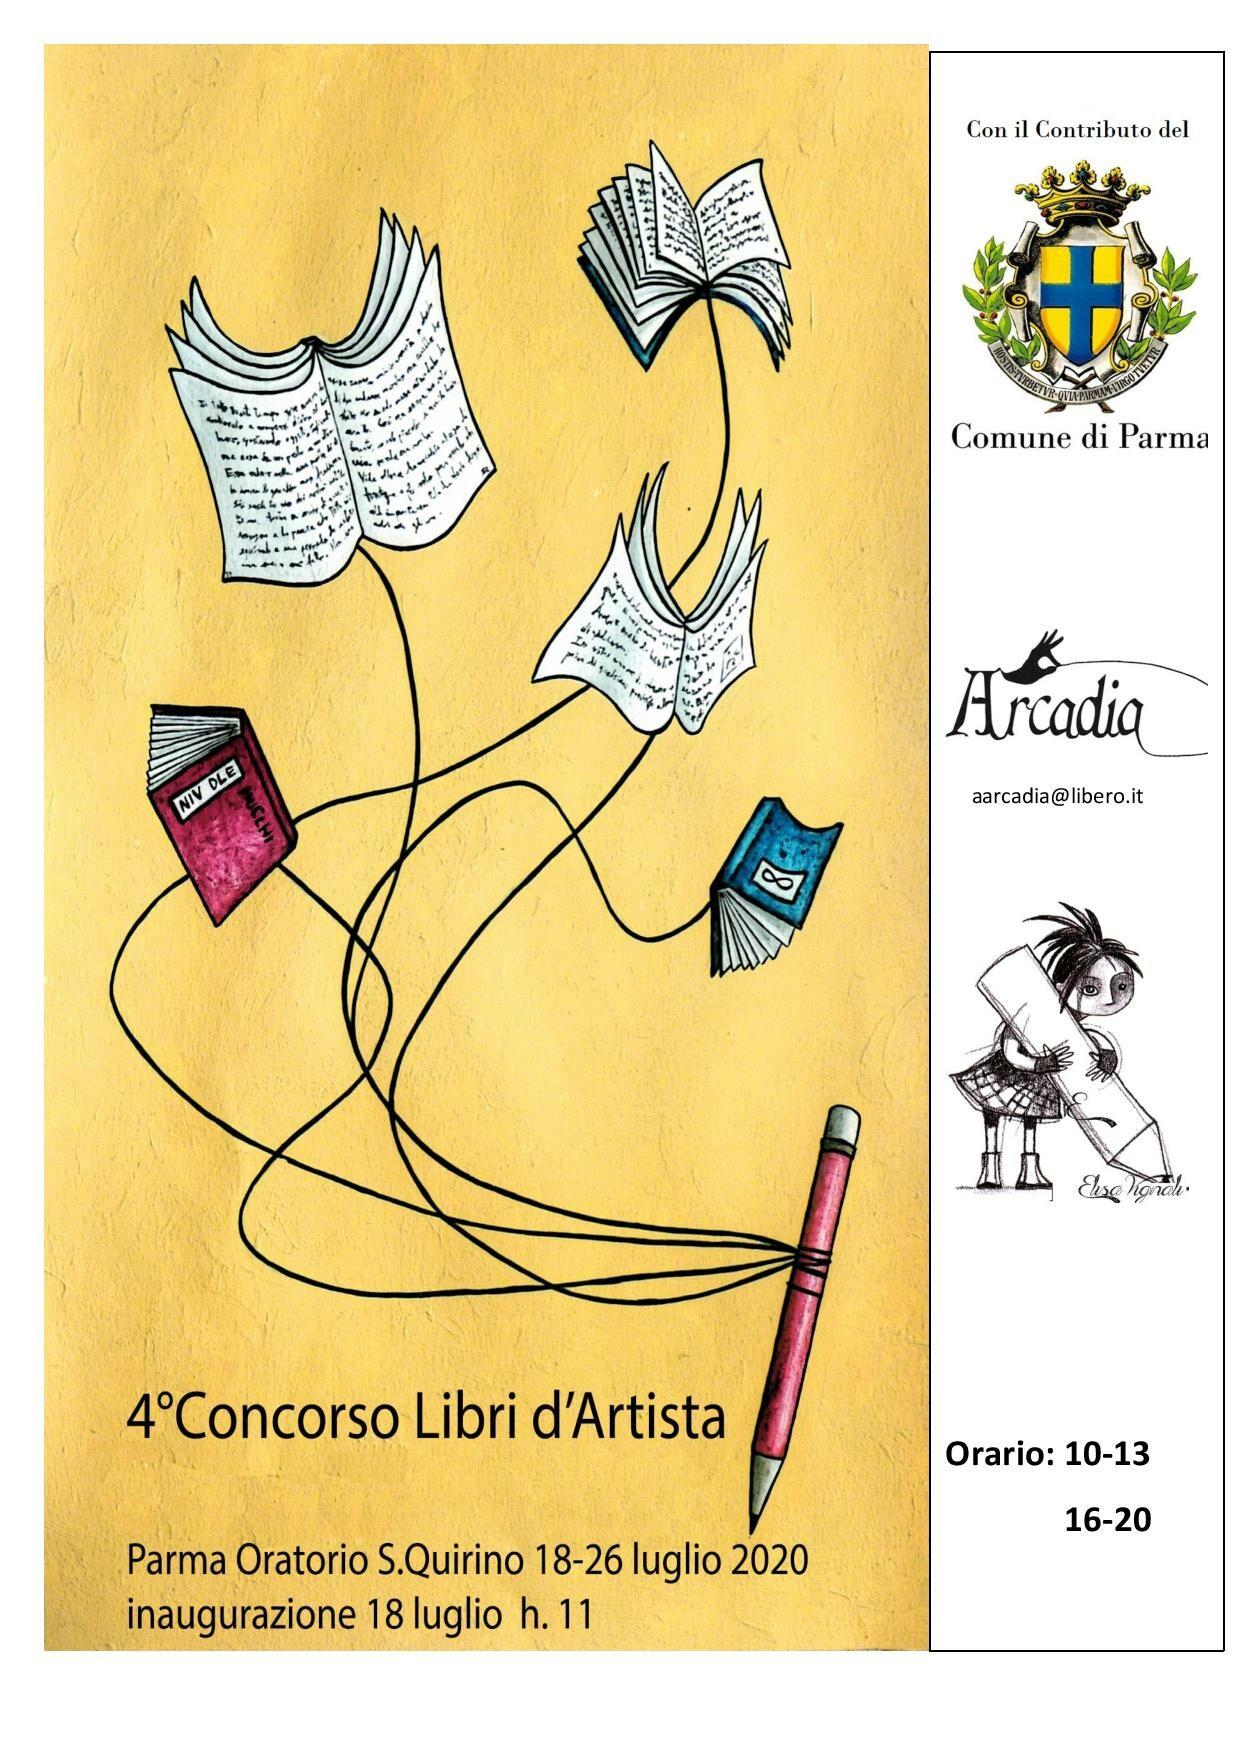 50 Libri d'artista in mostra all'Oratorio San Quirino